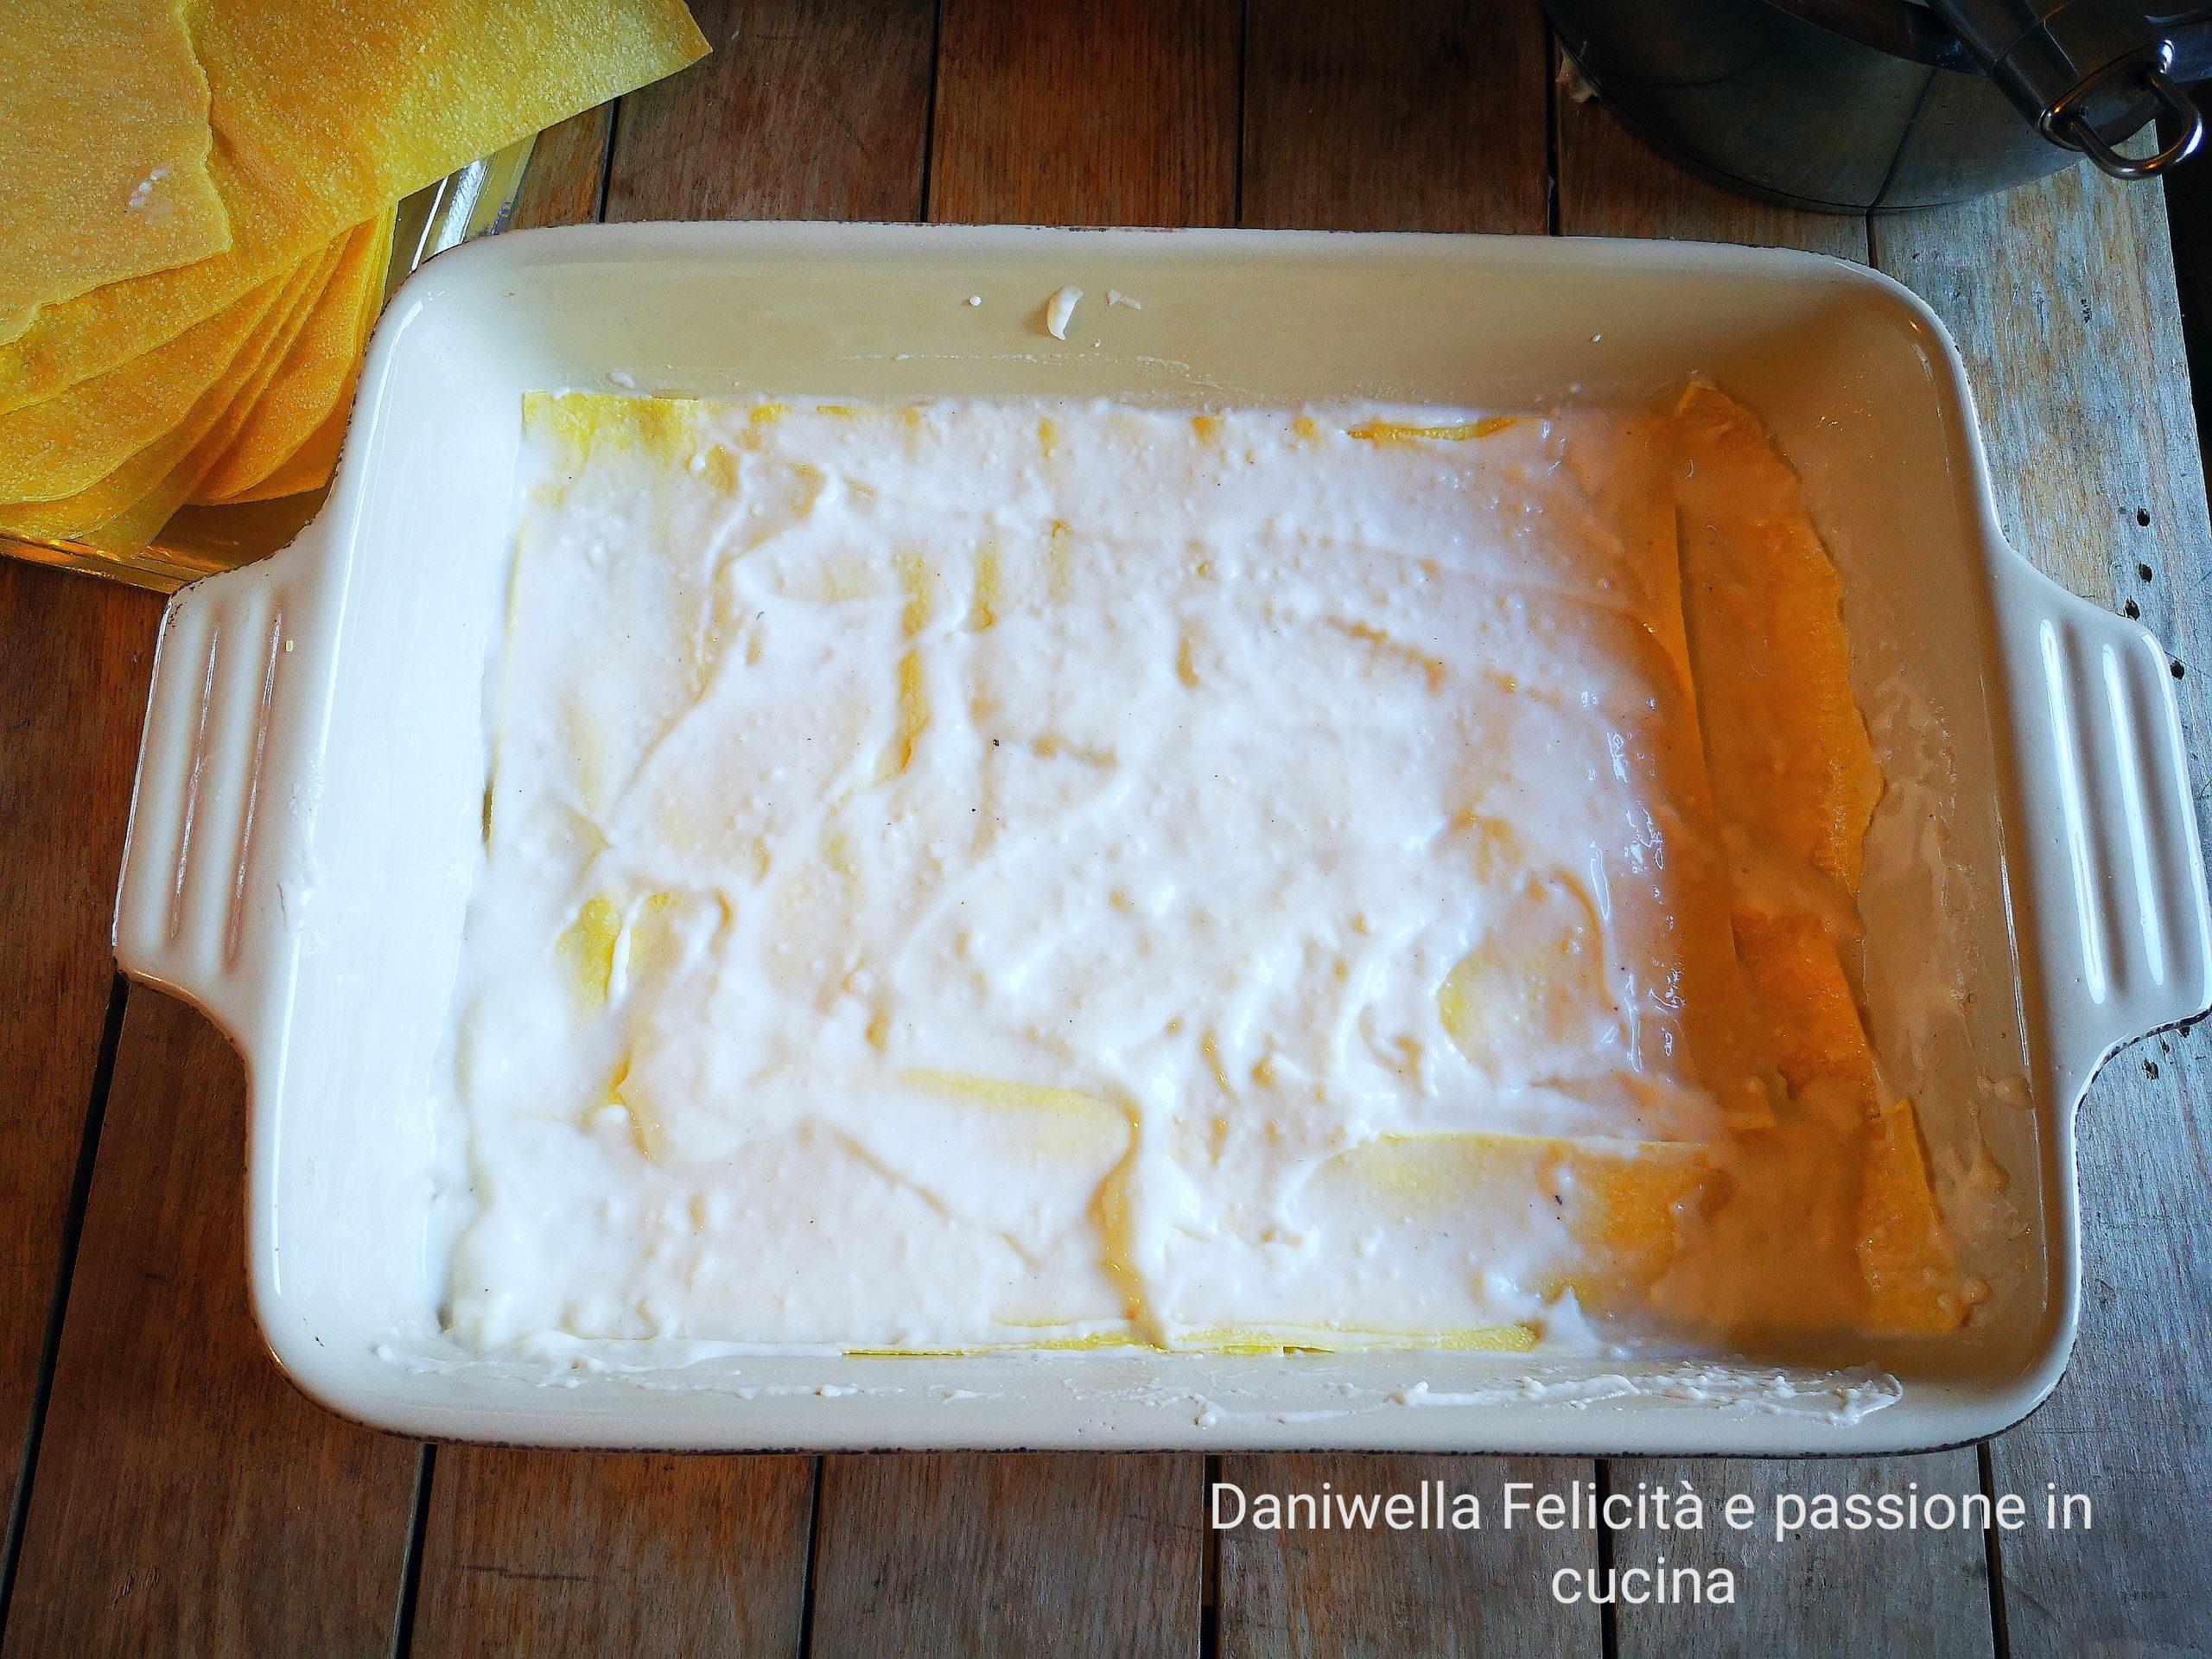 In una teglia rettangolare da 6 porzioni mettete un po' di besciamella e uno strato di lasagne. Versate sopra un'altro strato di besciamella.